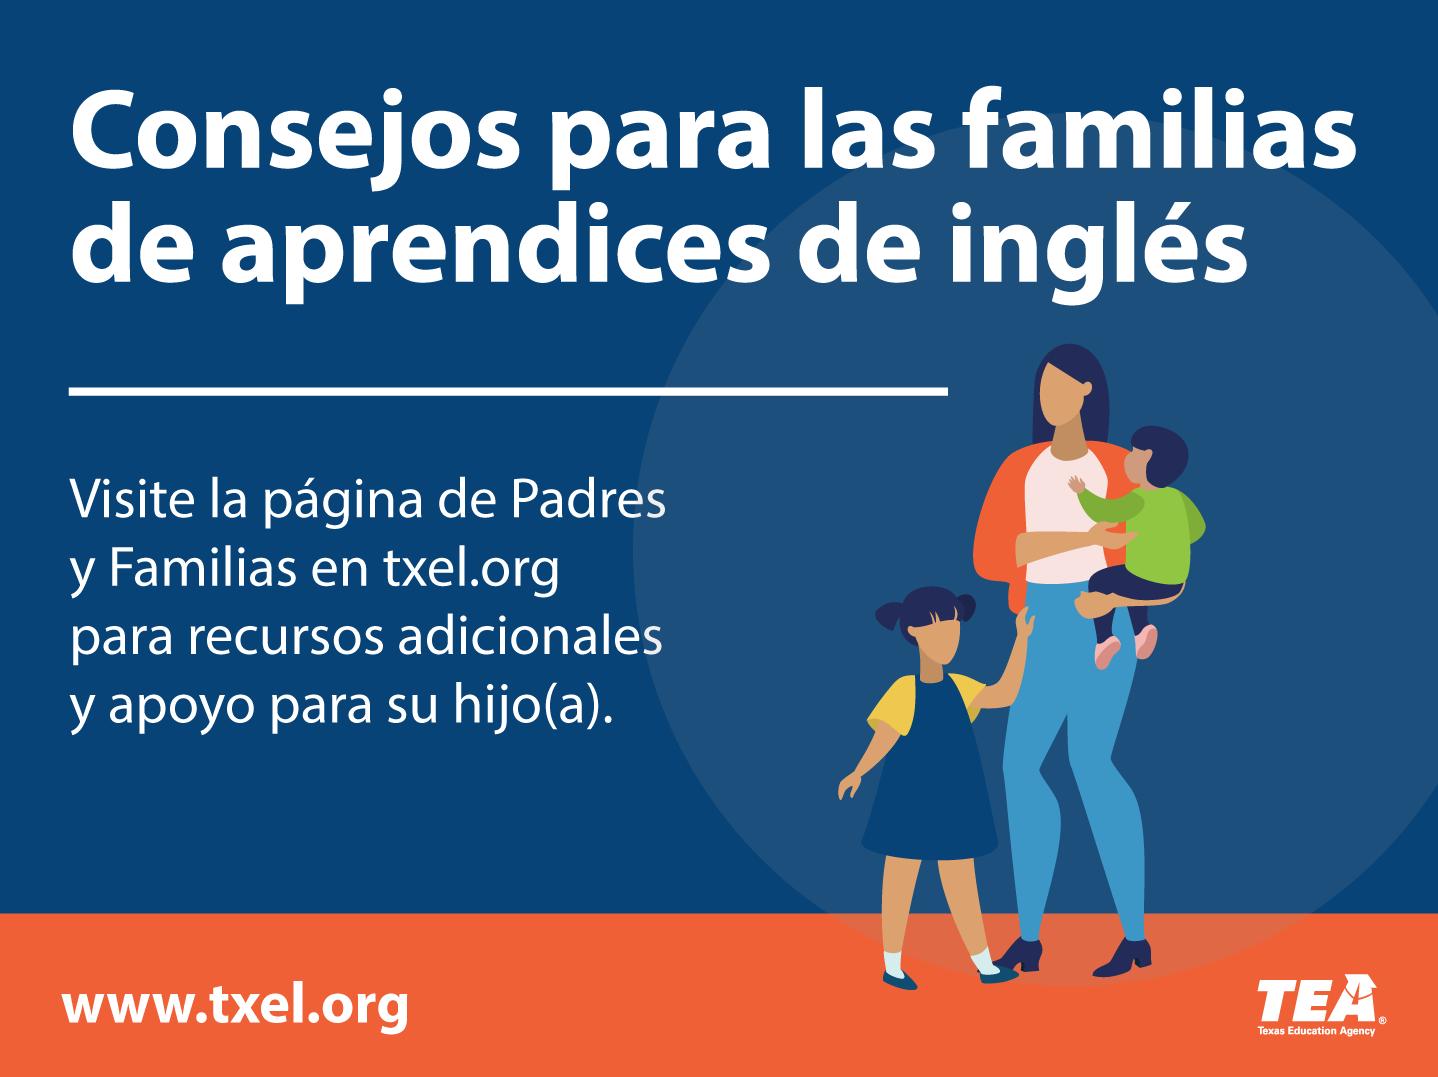 Consejos para las familias de aprendices de inglés